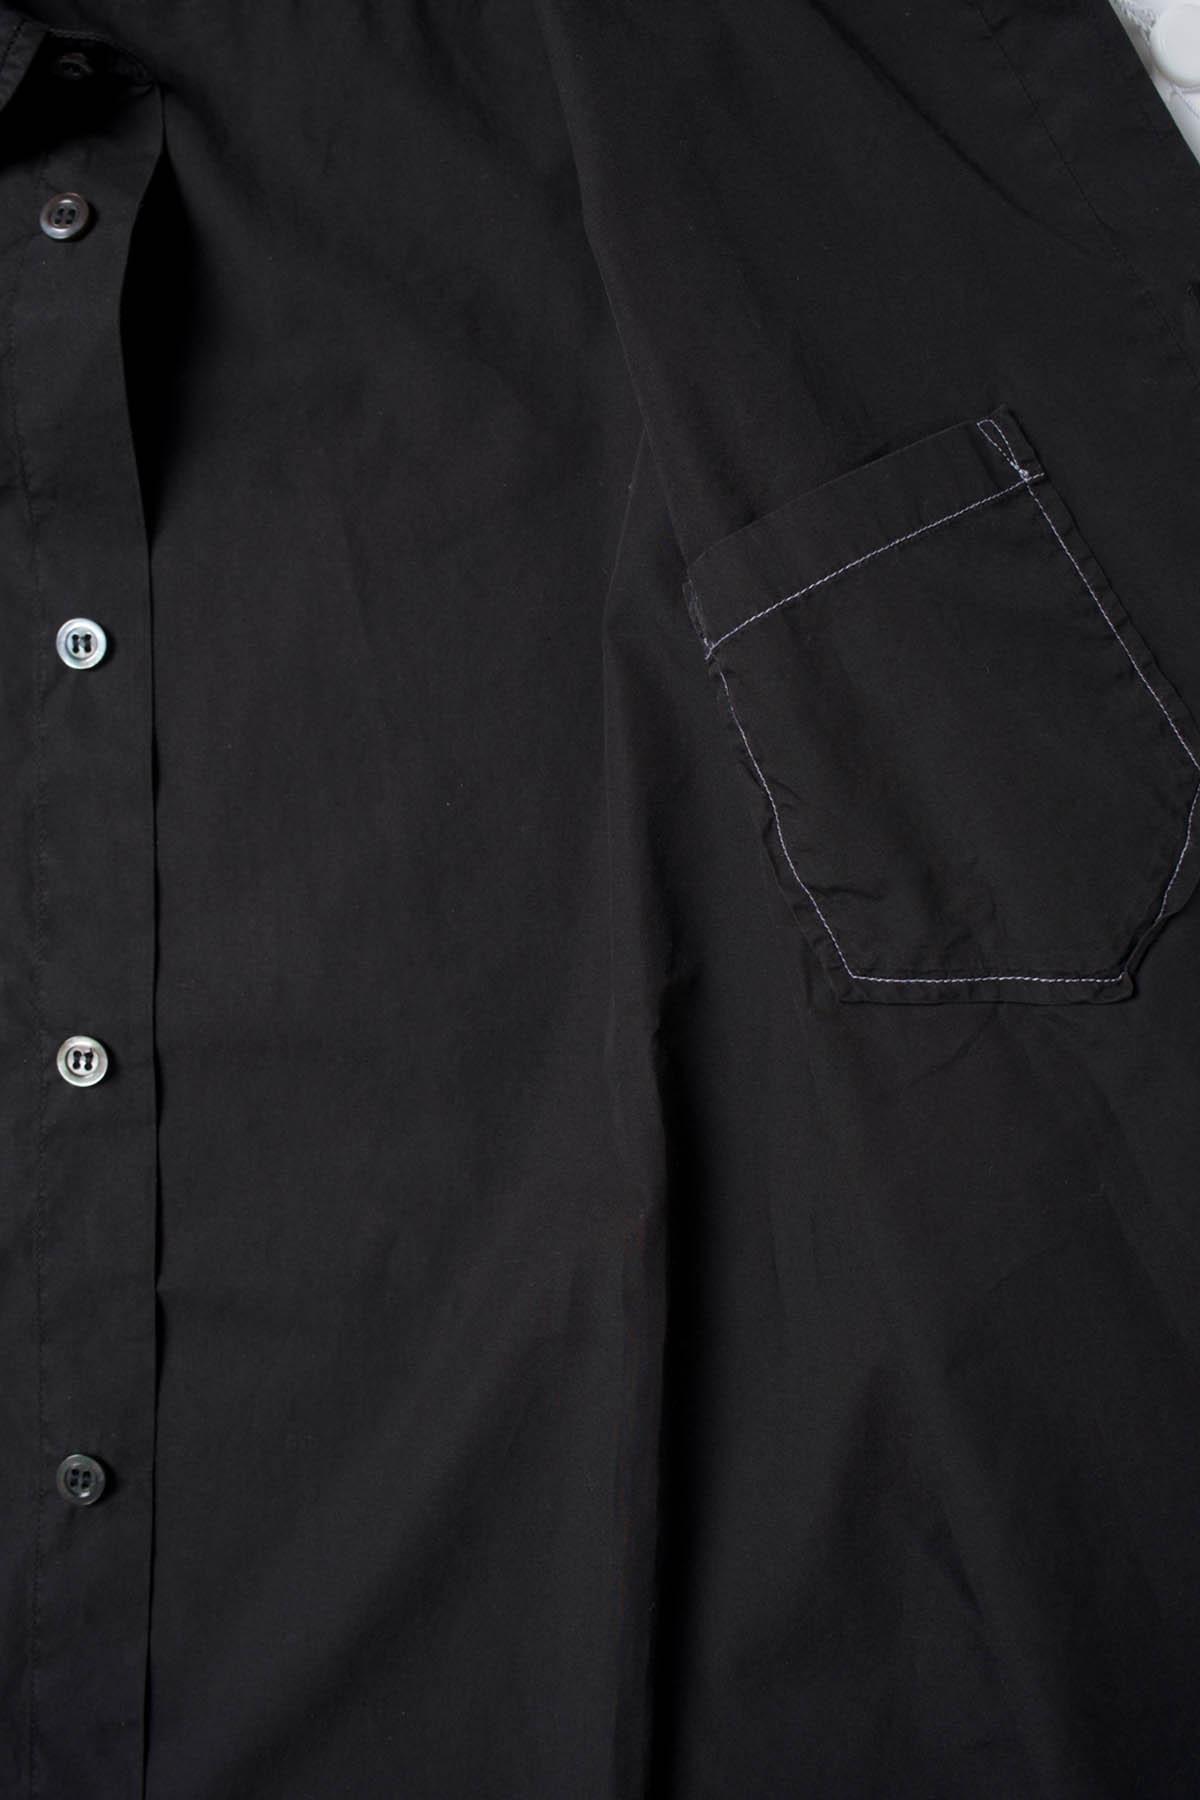 Basic Shirt [2021SS]